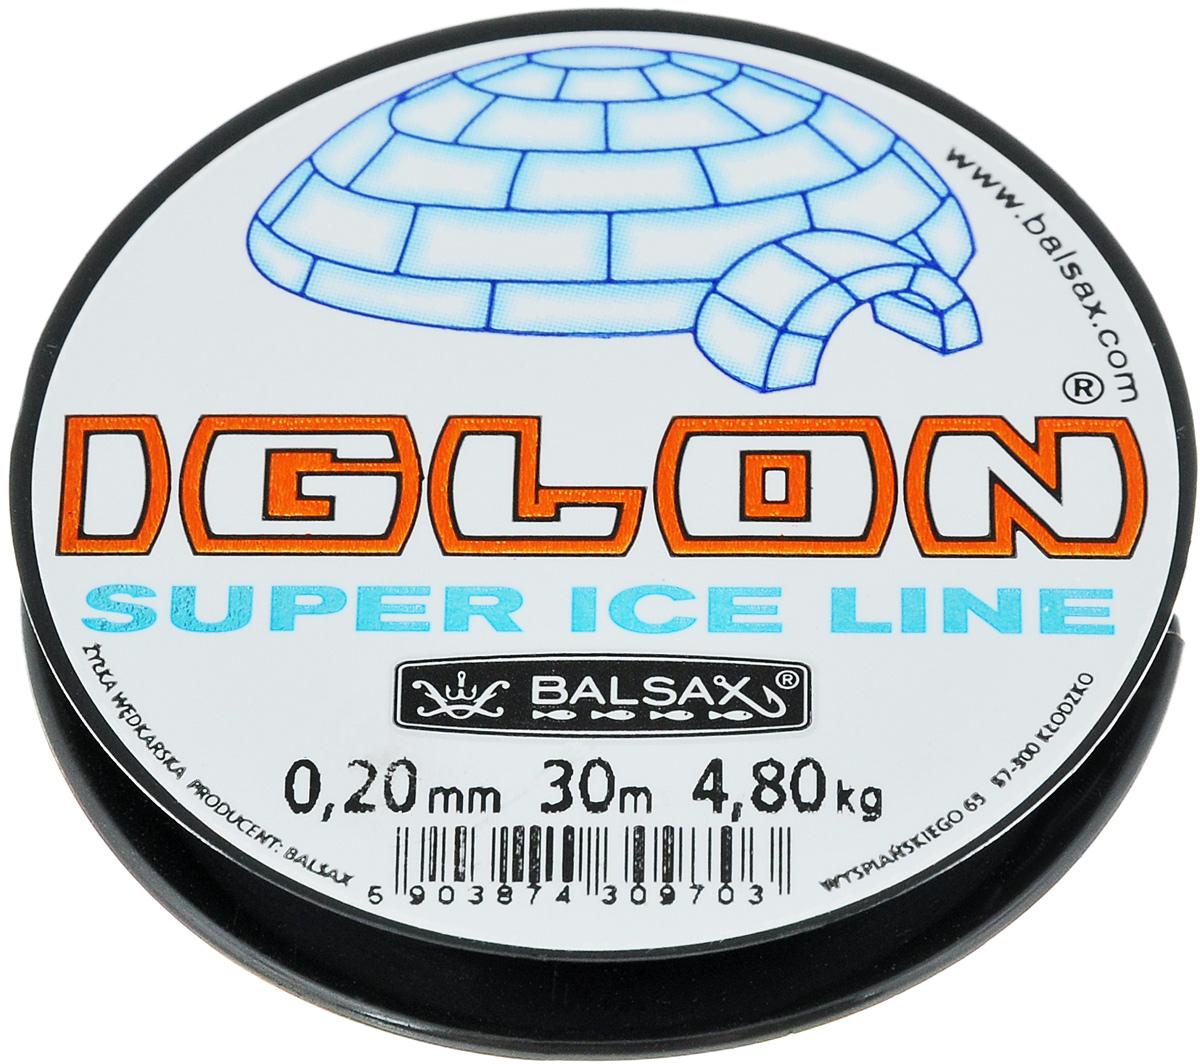 Леска зимняя Balsax Iglon, 30 м, 0,20 мм, 4,8 кг312-06020Леска зимняя Balsax Iglon изготовлена из 100% нейлона и очень хорошо выдерживаетнизкие температуры. Даже в самом холодном климате, при температуре вплотьдо -40°C, она сохраняет свои свойствапрактически без изменений, в то время как традиционные лески становятся менееэластичными и теряют прочность. Поверхность лески обработана таким образом, что она не обмерзает и отличноподходит для подледного лова. Прочна вместах вязки узлов даже при минимальном диаметре.